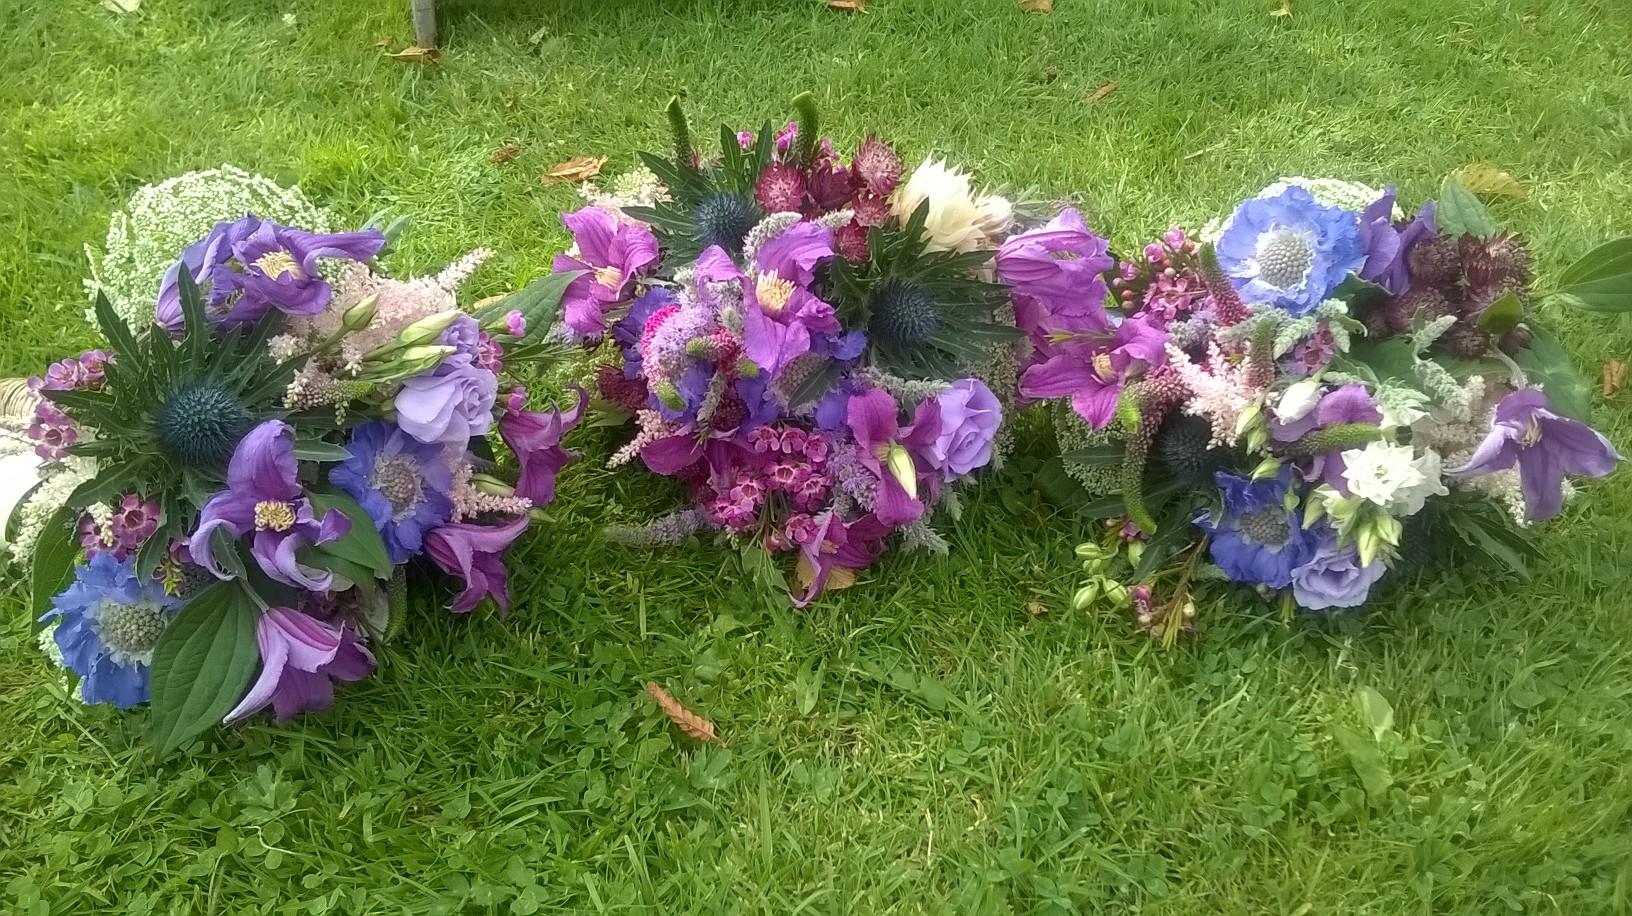 purpleandbluebridesmaids.jpg